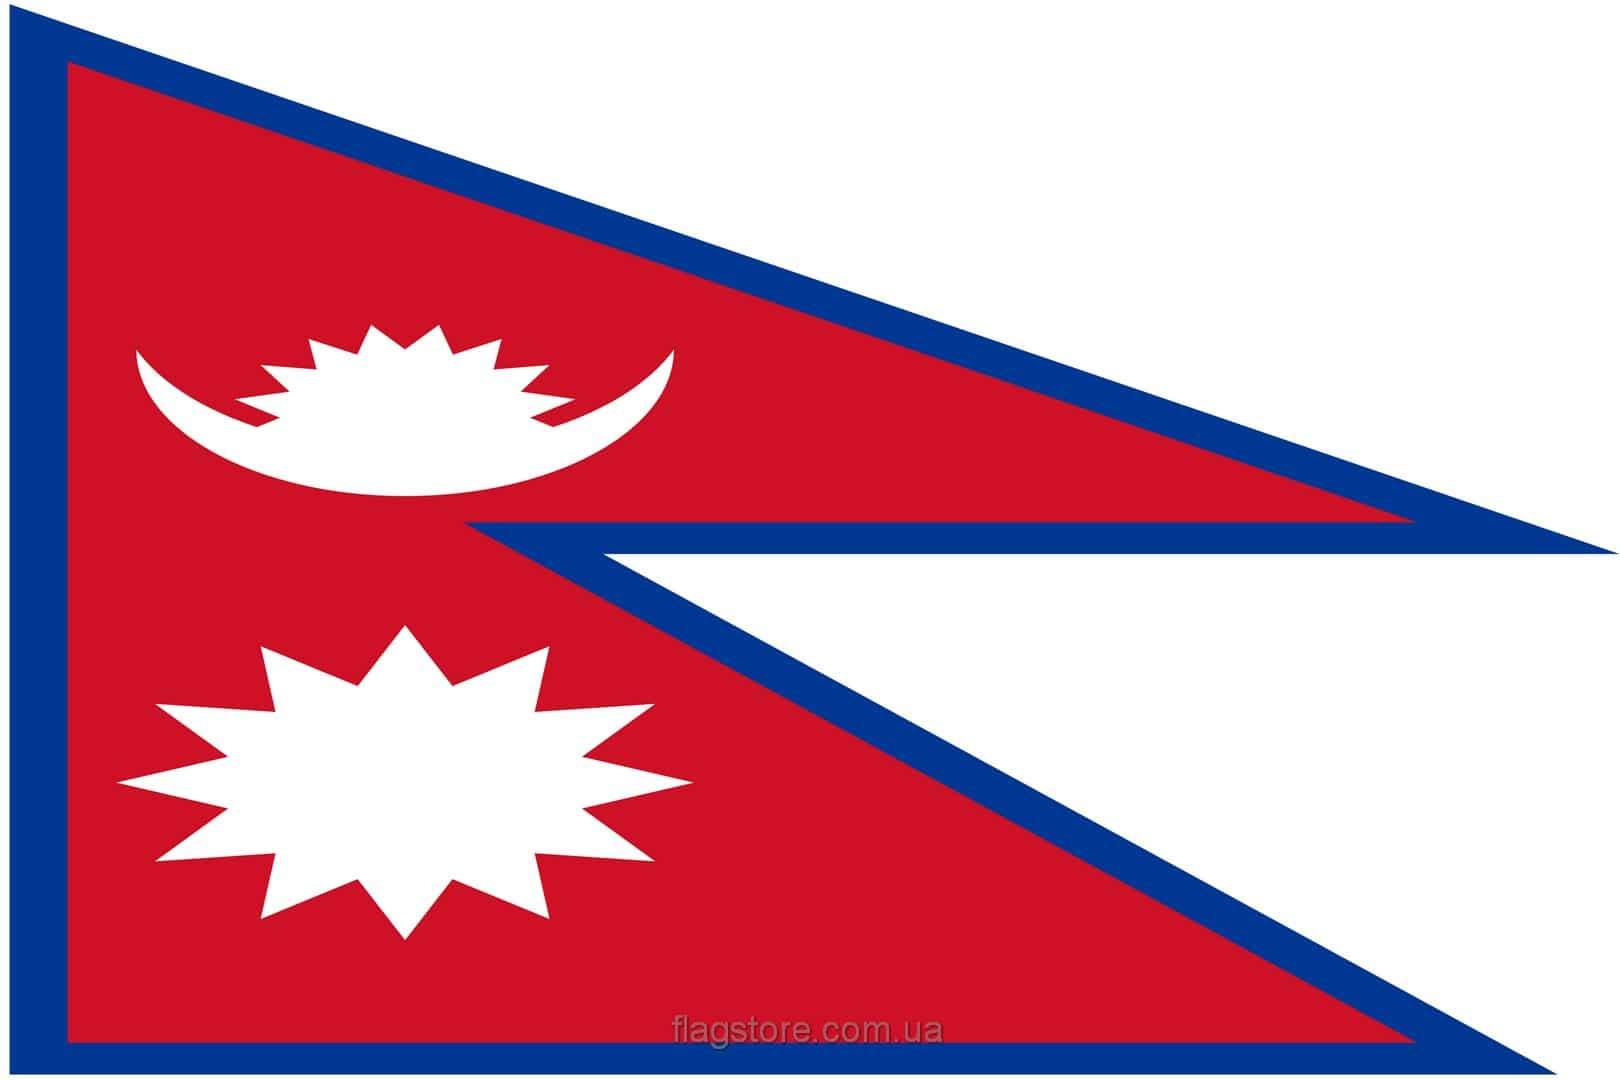 Купить флаг Непала (страны Непал)